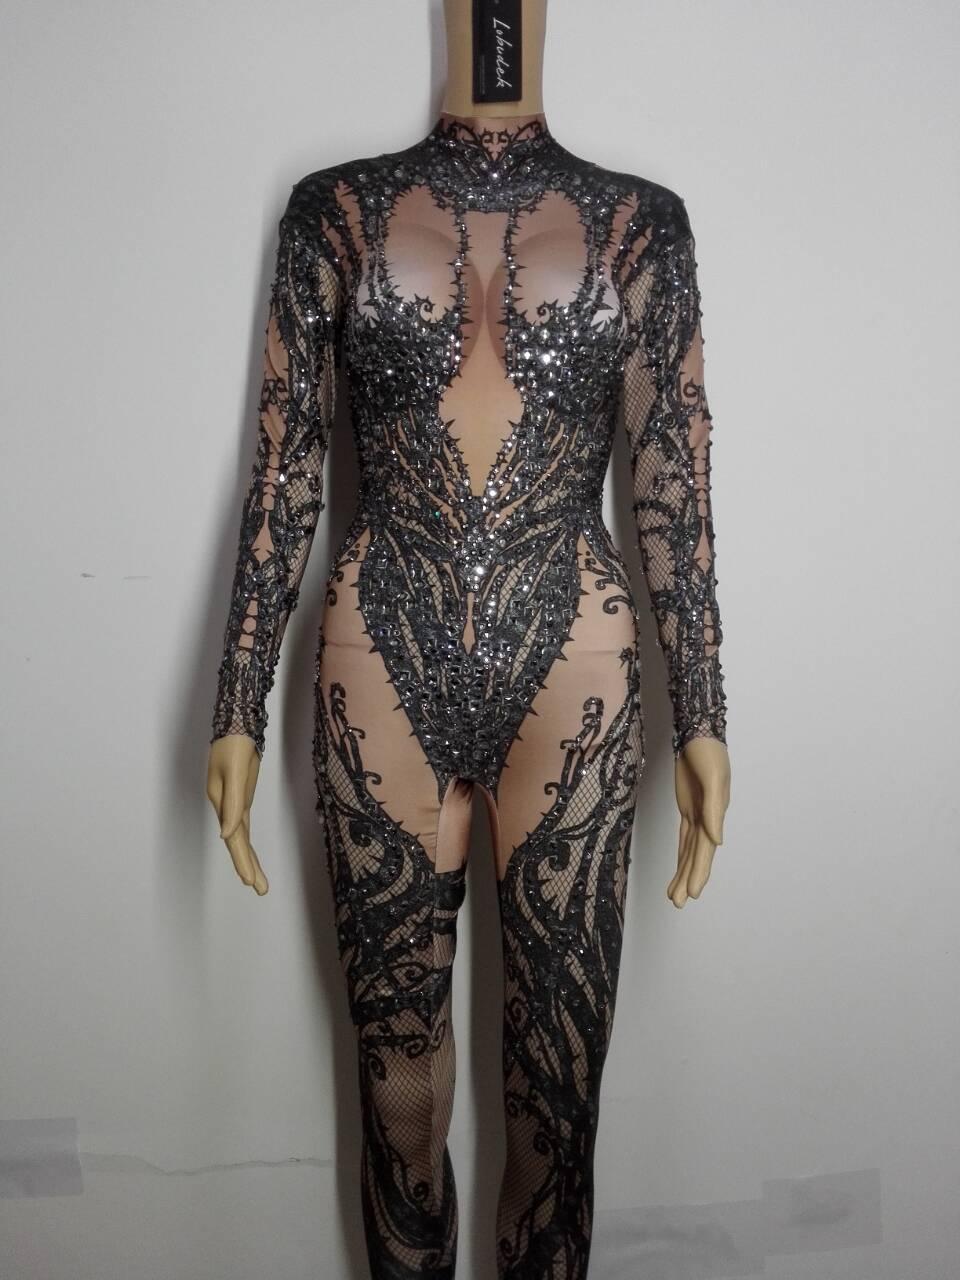 Élastique Noir Scène Scintillant Danse Femmes Chanteur Costume Discothèque Danseur Tenue Strass Cristaux De Body Justaucorps dvqTaqEw